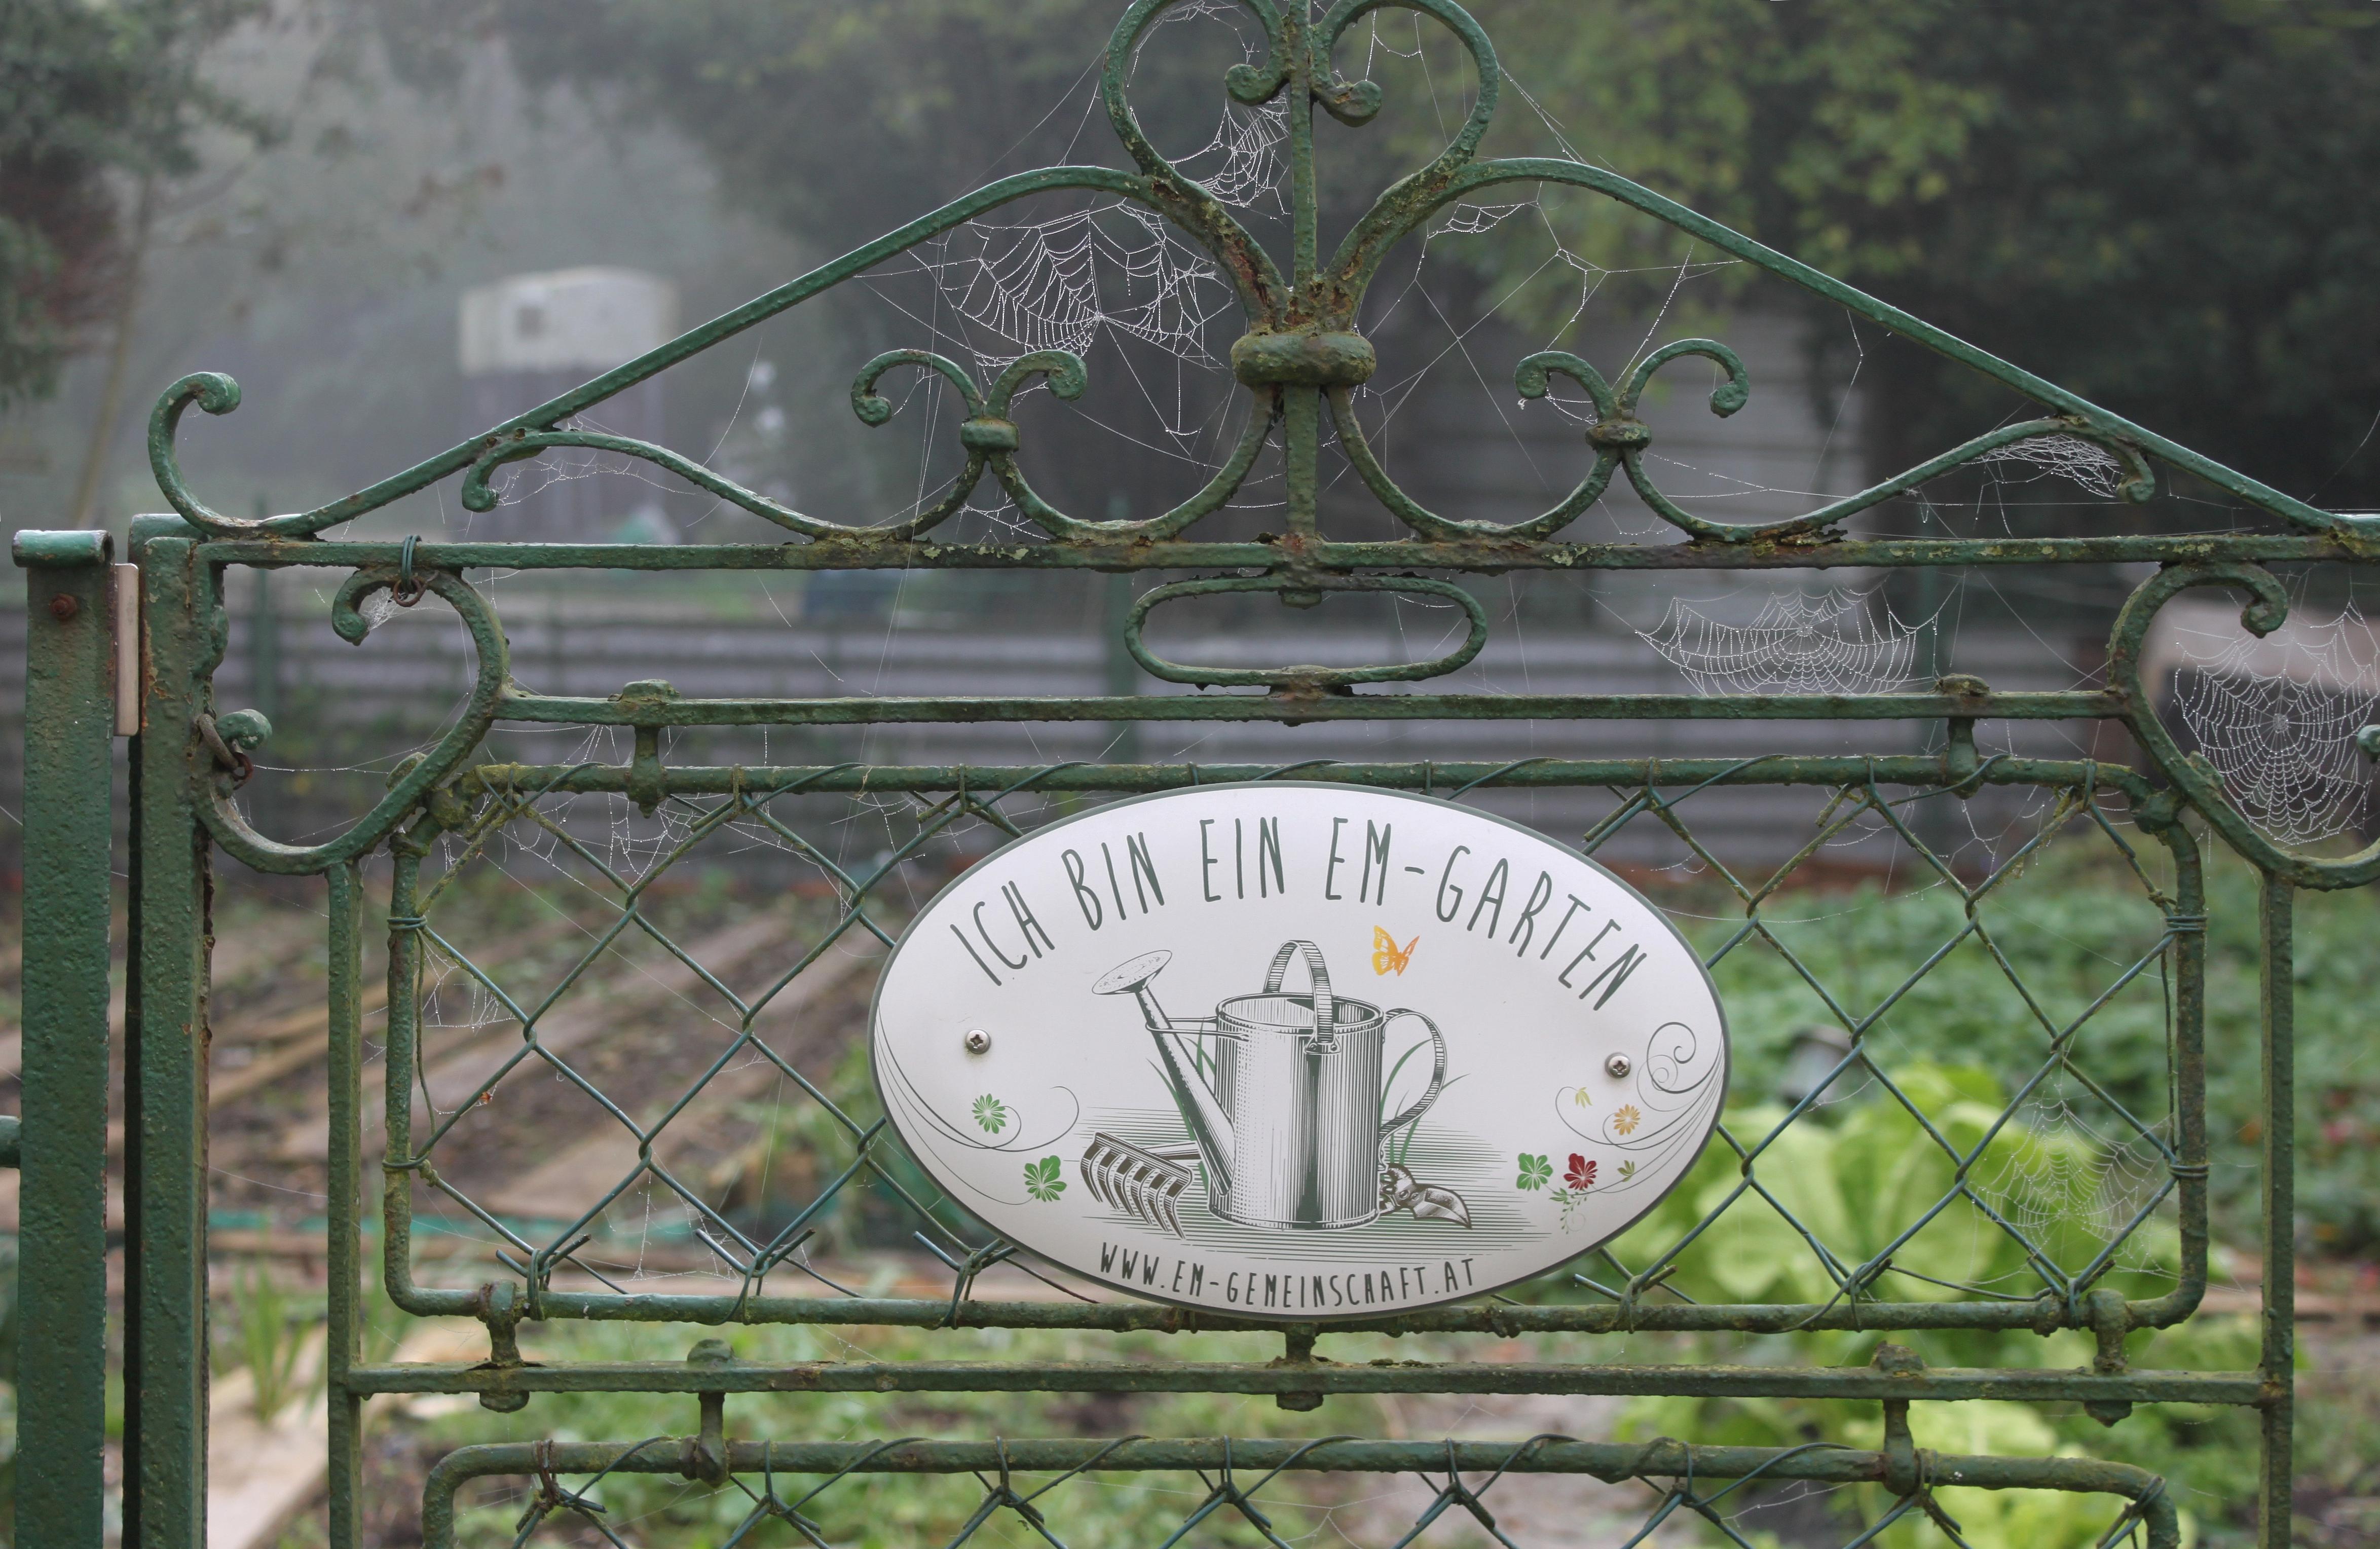 EMs im Garten - anstattdessen